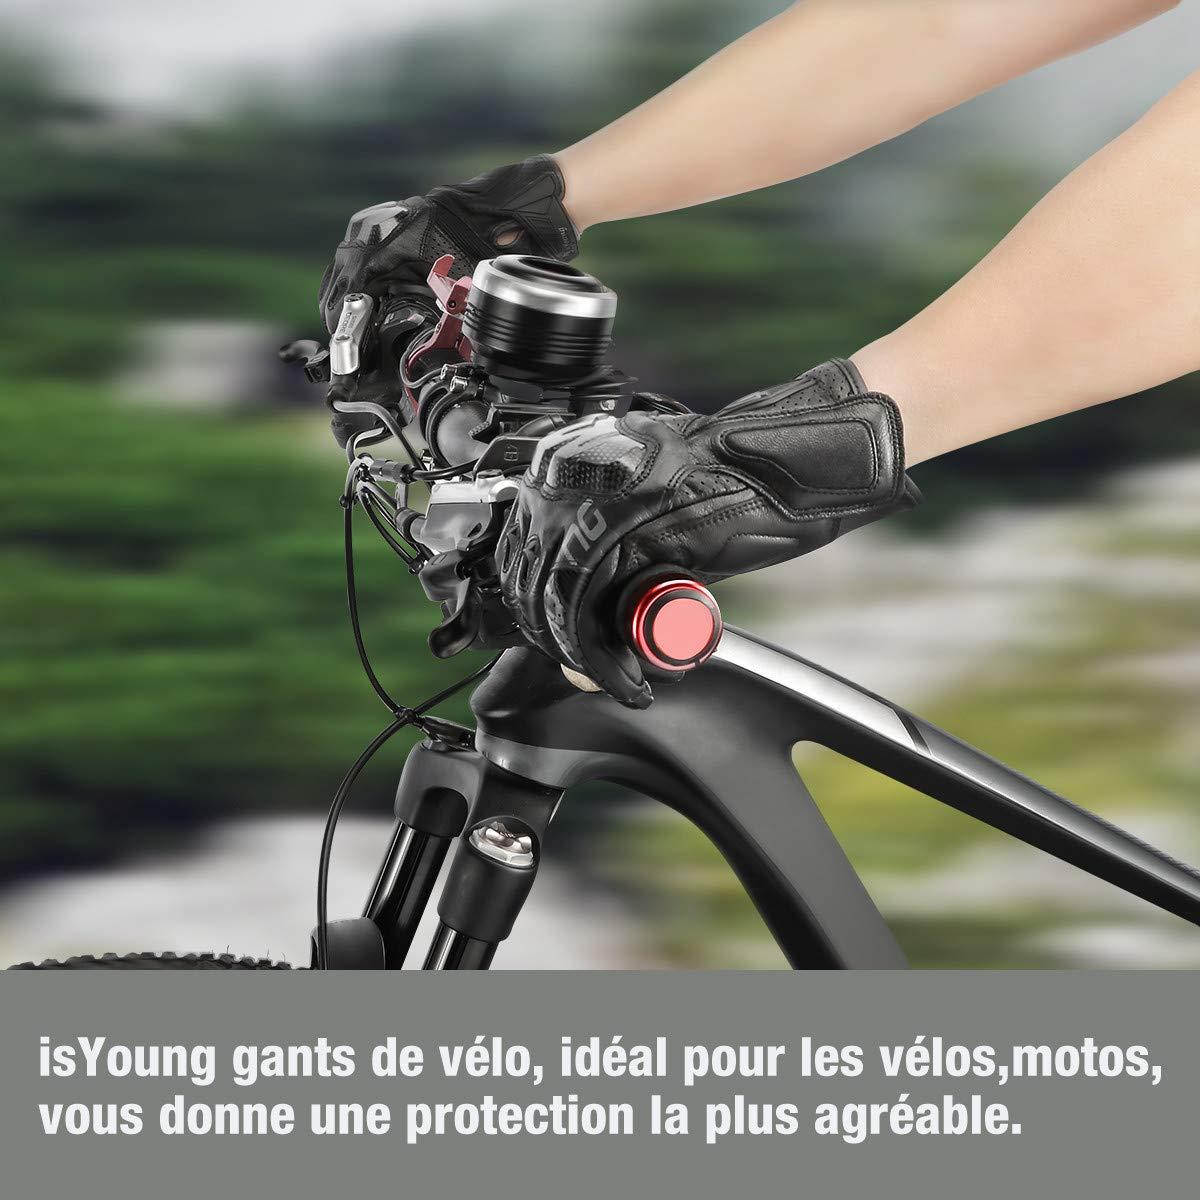 isYoung Gants Cyclisme Doigt Complet Gants Vélo de Bonne Elasticité et Forte Adsorption, Idéal pour Equitation, Randonnée, Escalade, Camping pour Motocross Course VTT (Blanc, L)